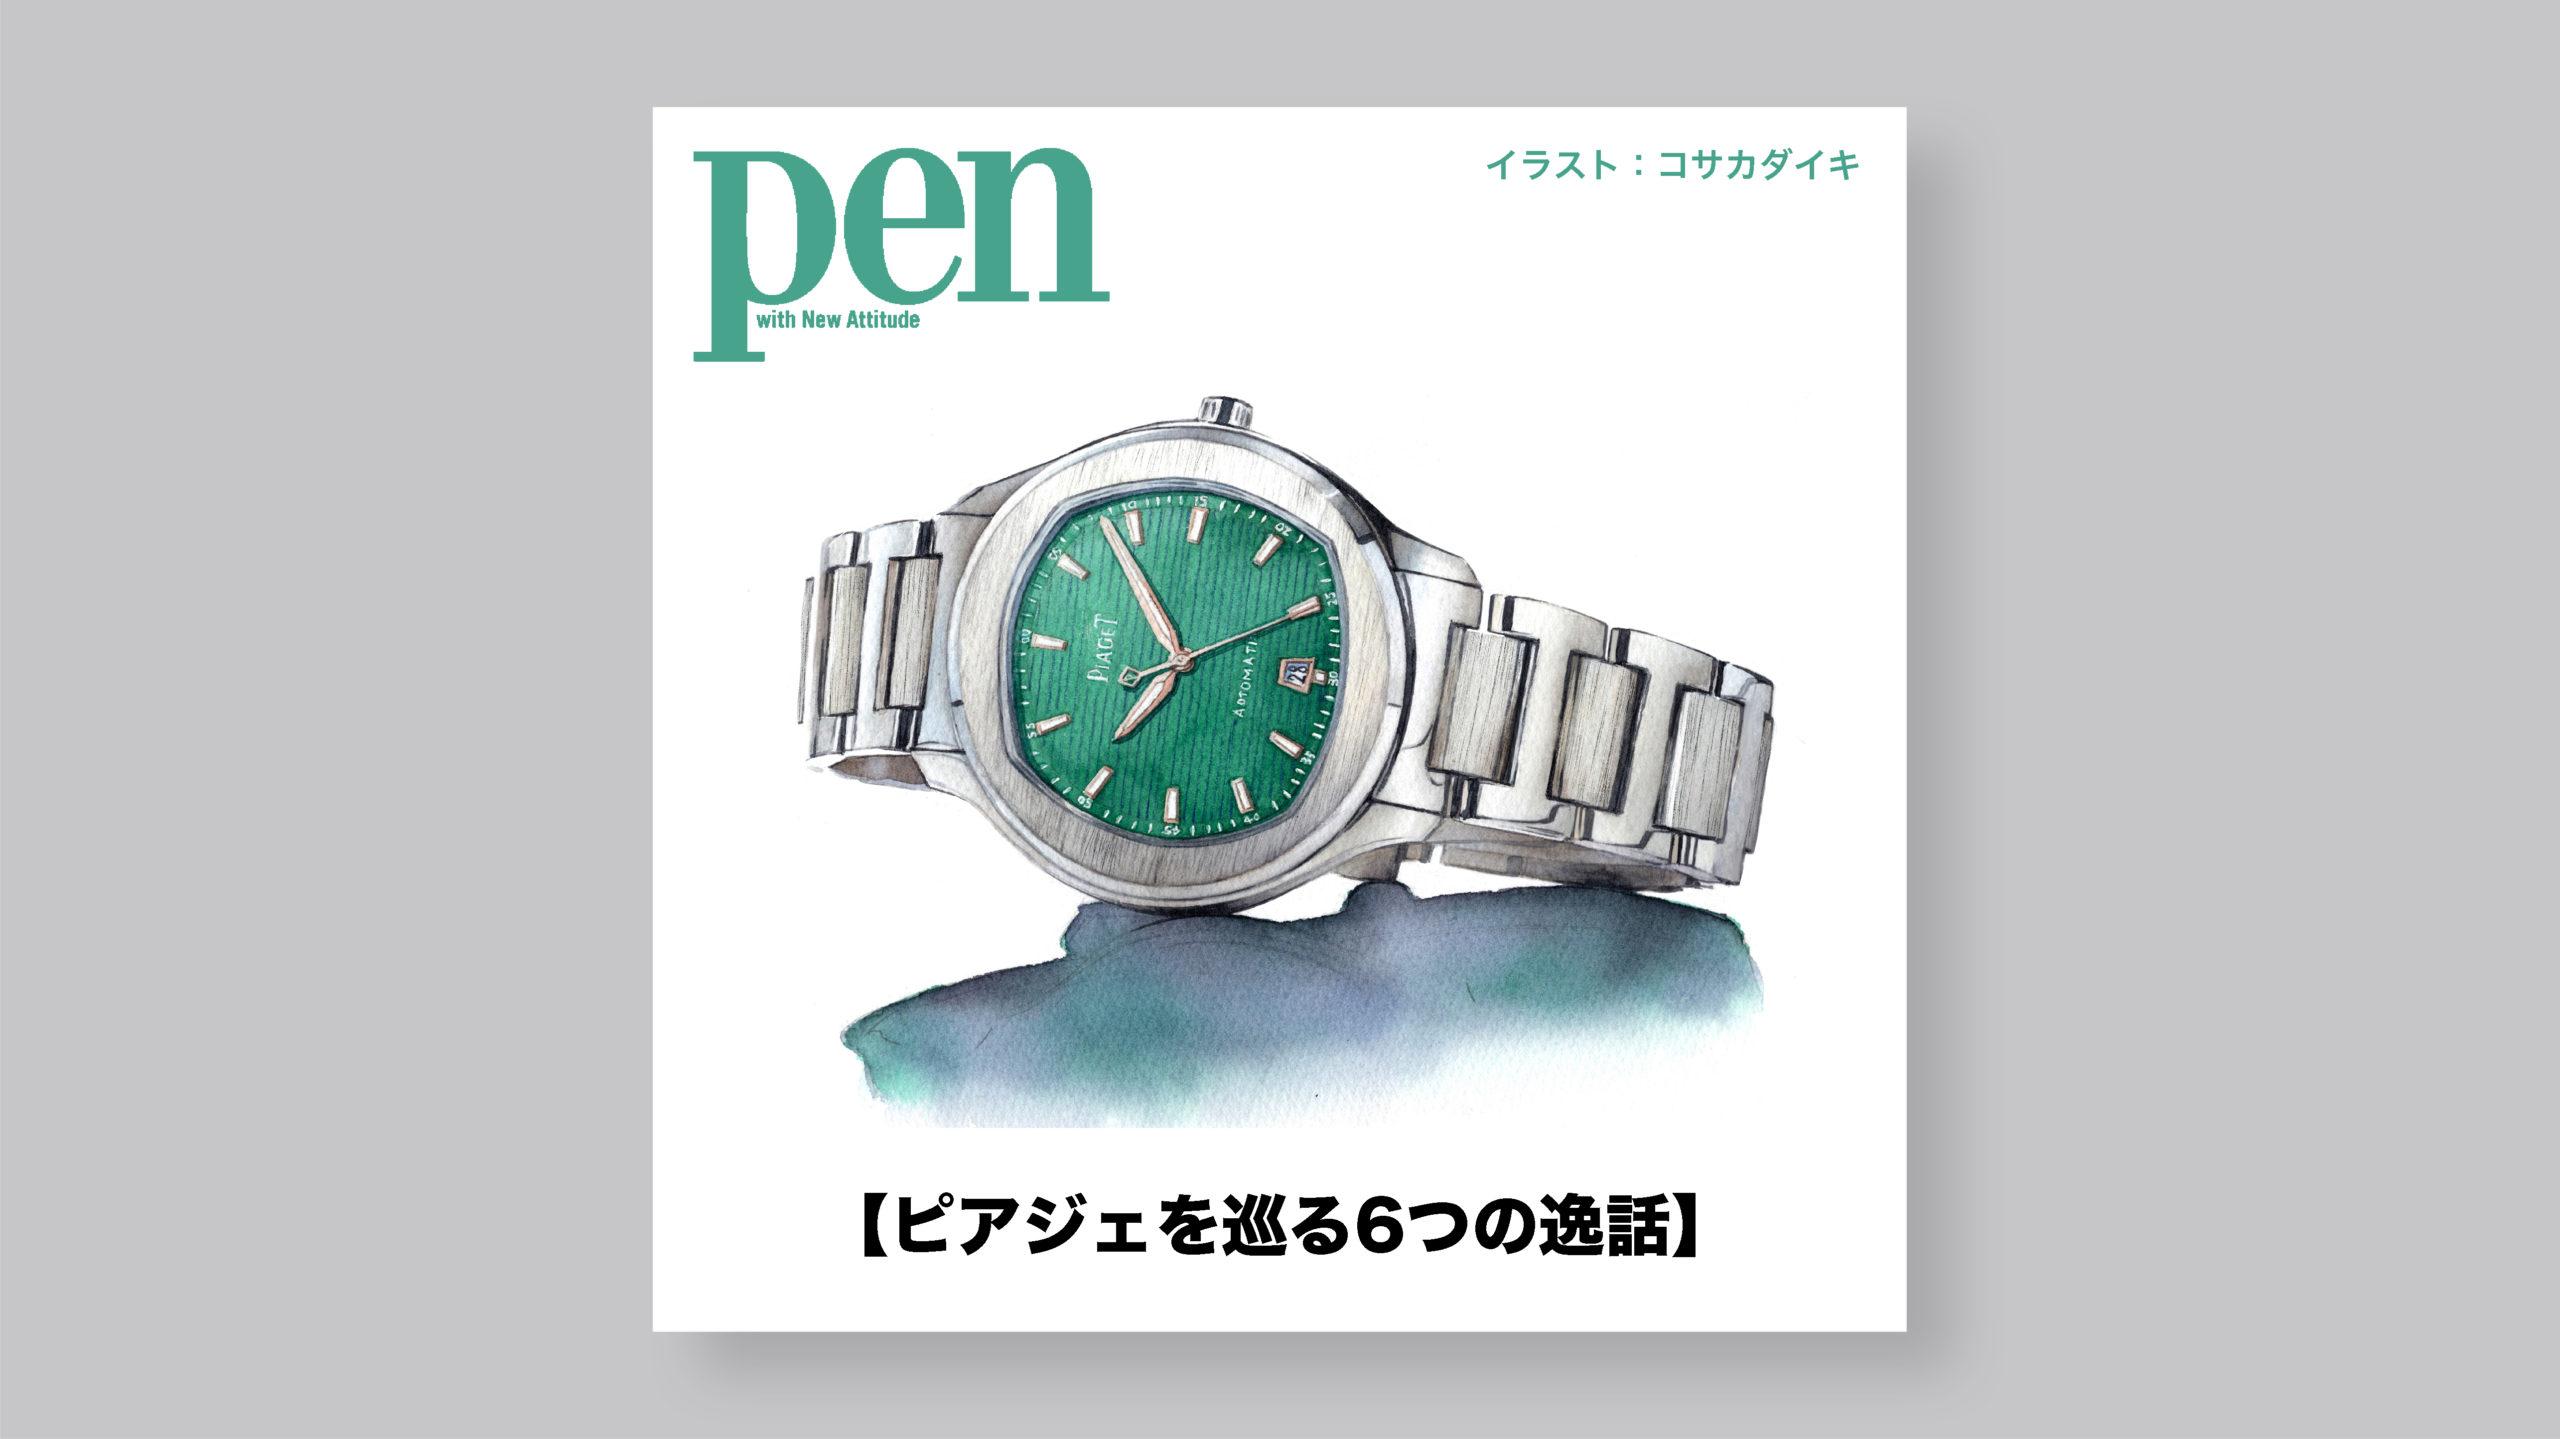 雑誌Pen 【ピアジェを巡る6つの逸話】第2回:独自のデザインが生む、永遠のレガシー 時計イラスト